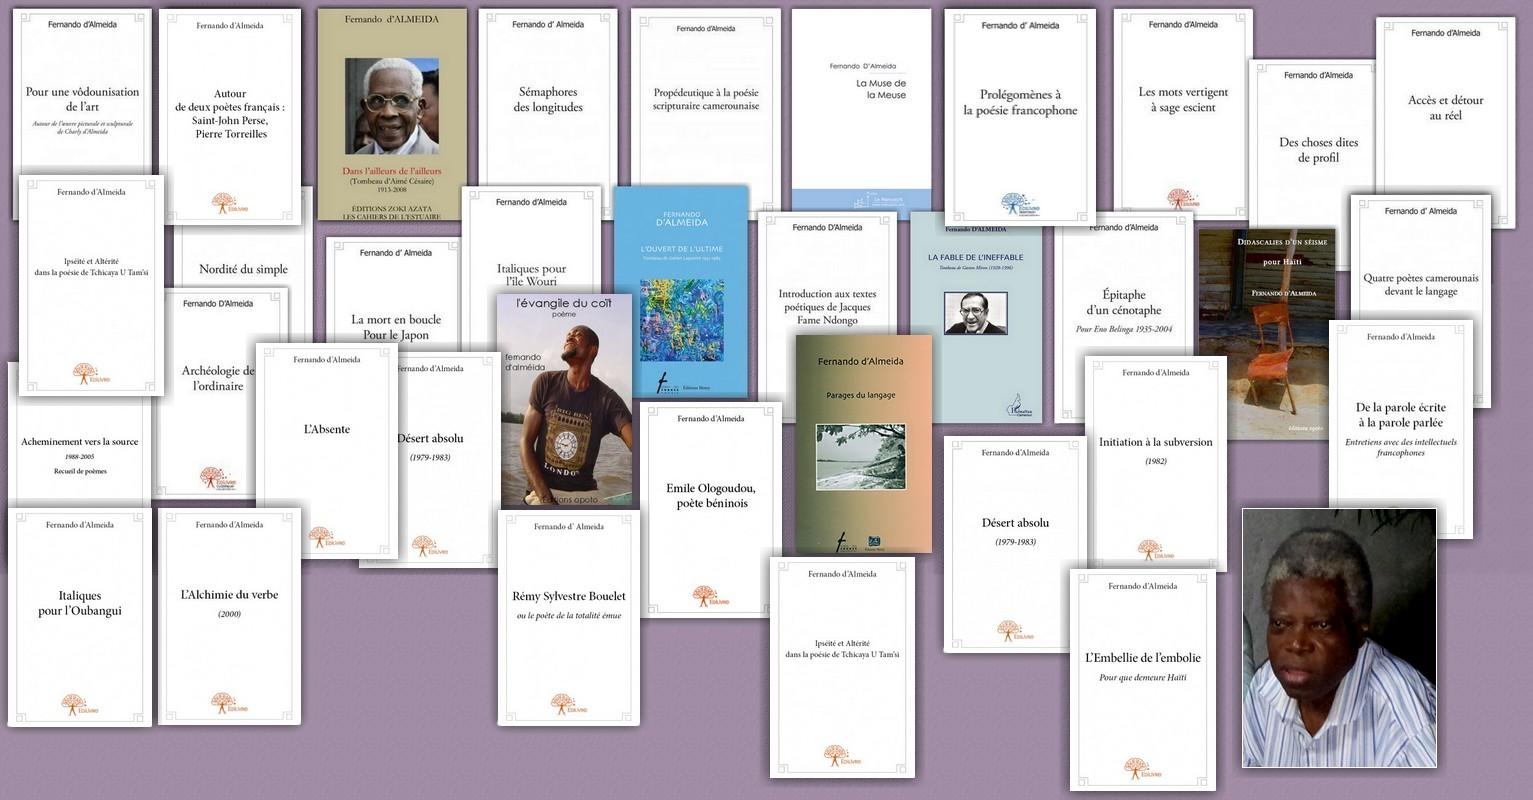 Des livres de Fernando d'ALMEIDA